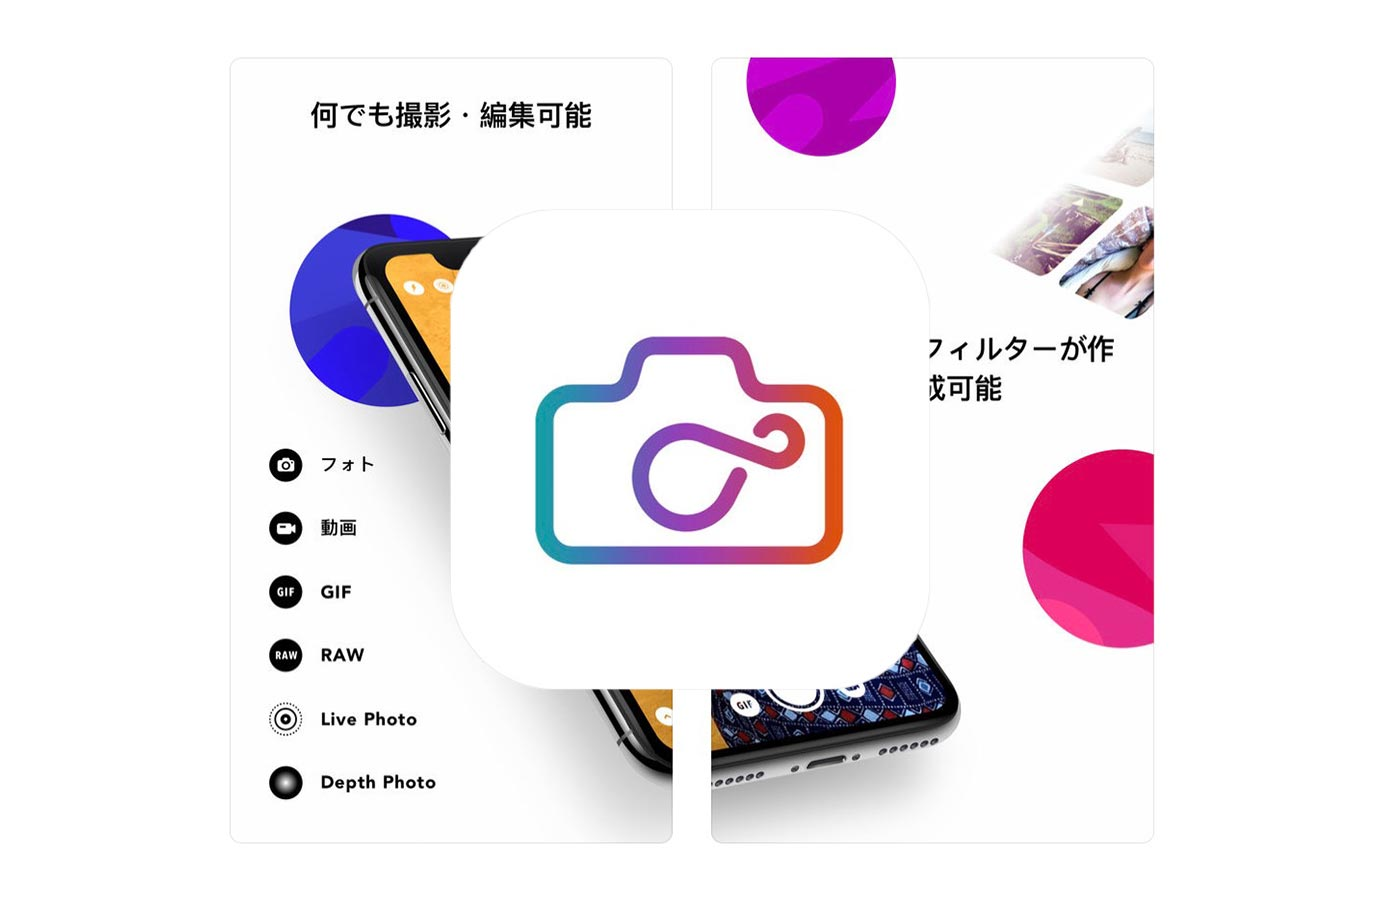 iOSアプリ「infltr」がアップデート、アニメーションGIFを撮影する新カメラモードなどを追加